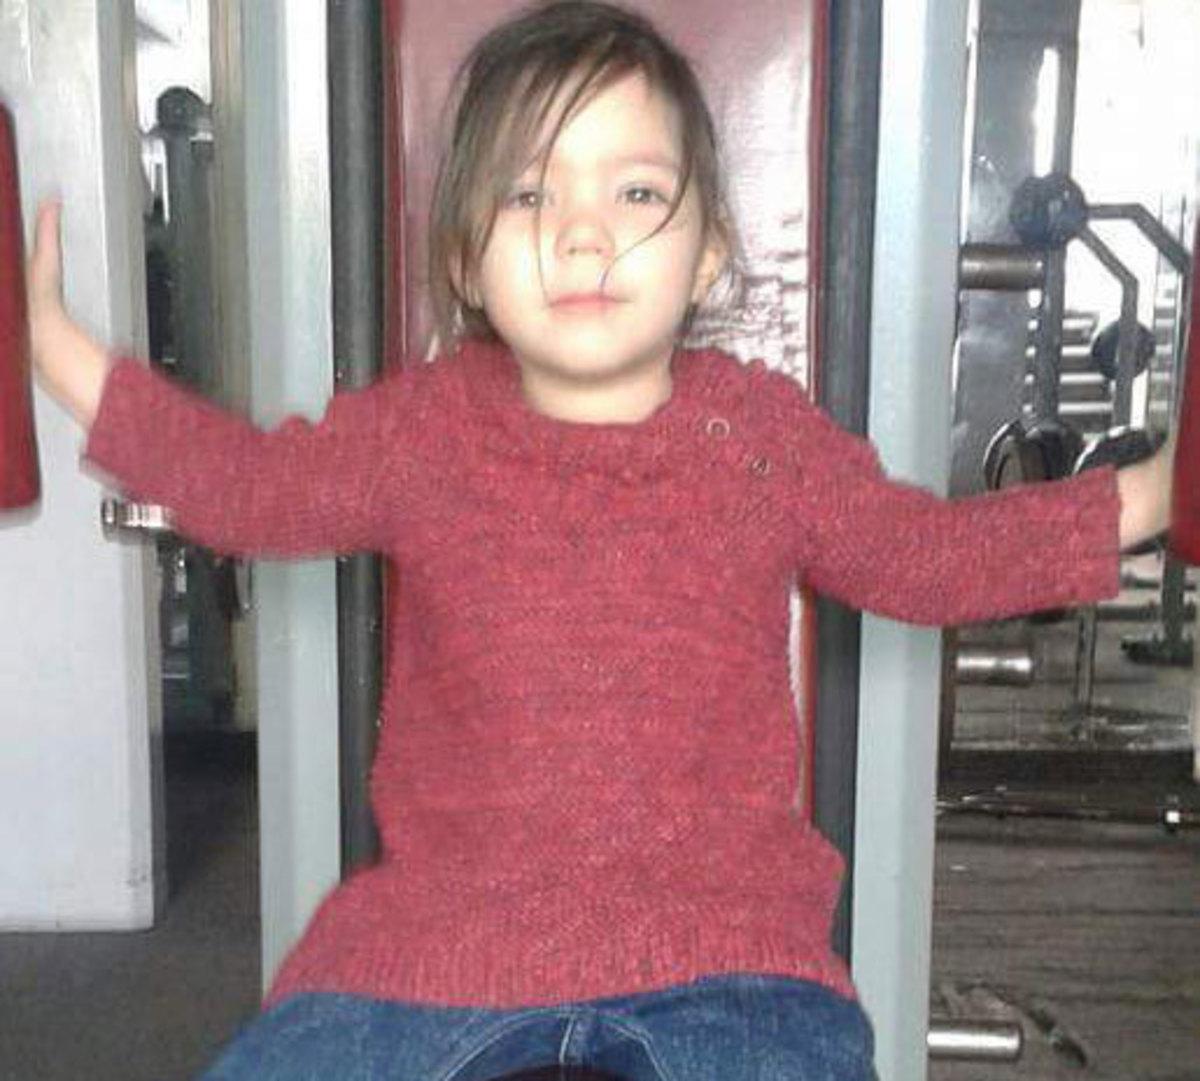 Εξαφάνιση μικρής Μαρίας: Απομακρύνεται το ενδεχόμενο της απαγωγής! Στο Παίδων το παιδί, πως περιέγραψε όσα έζησε   Newsit.gr